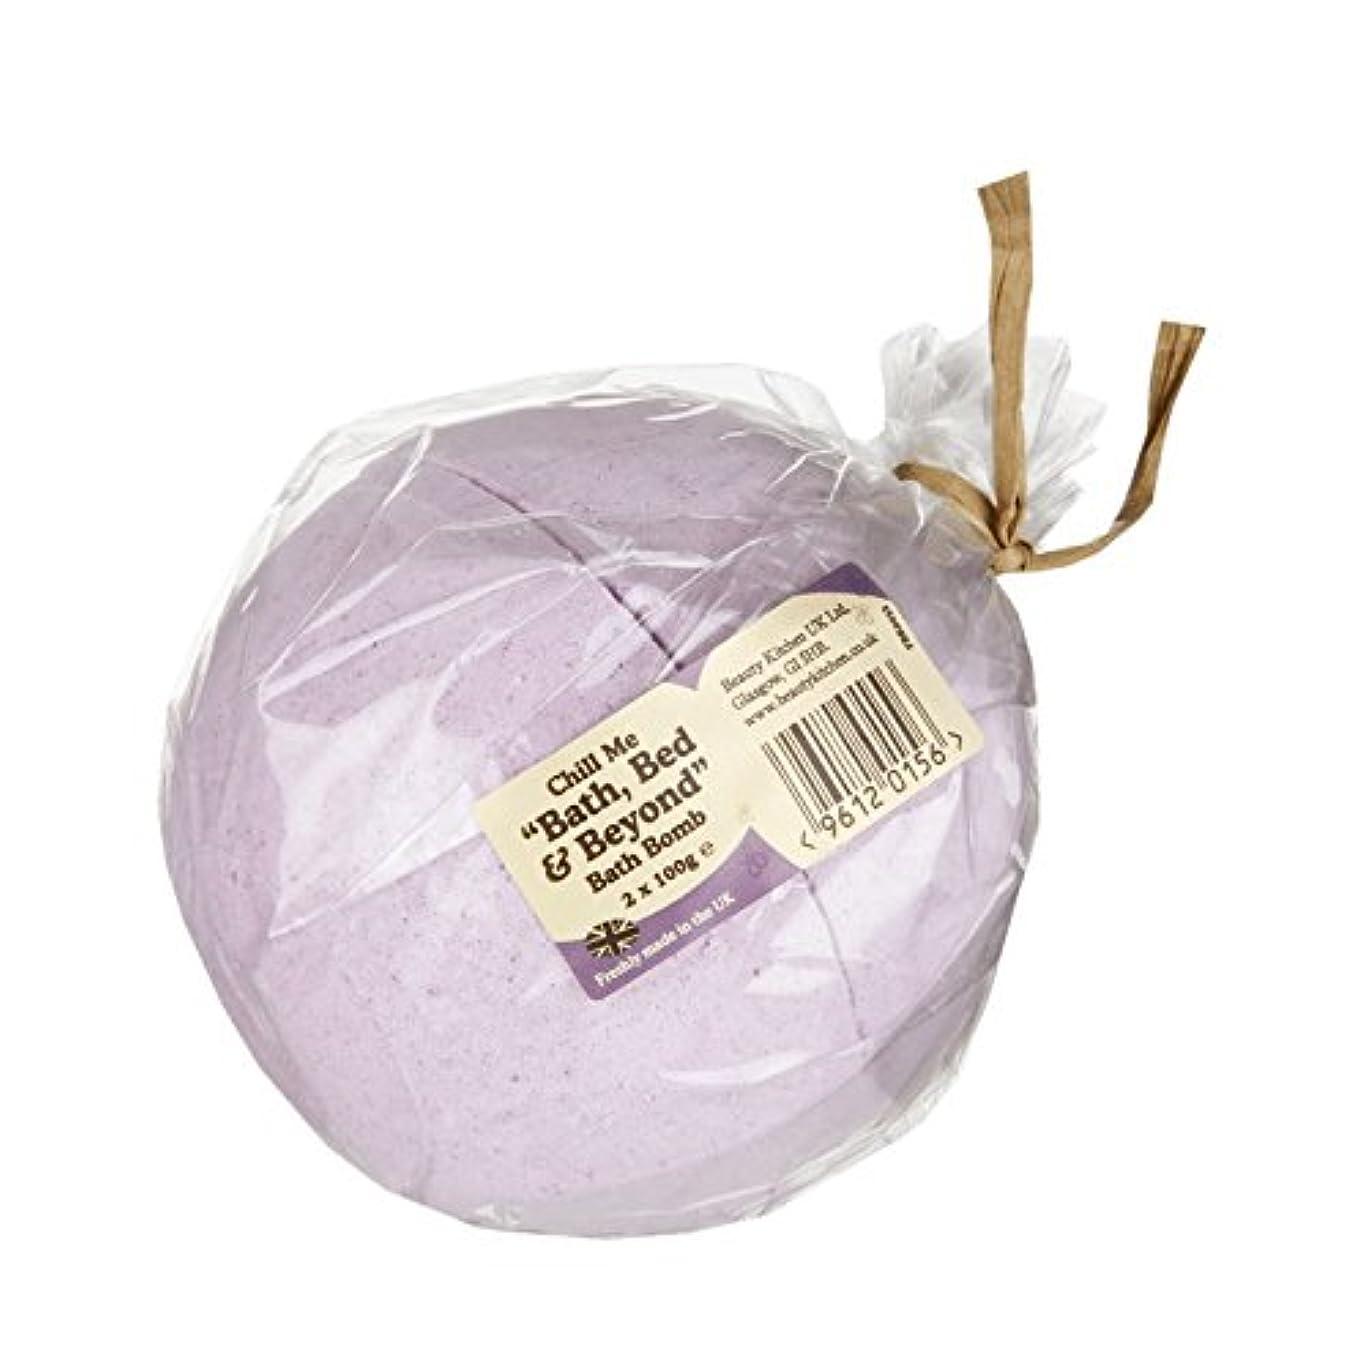 聴衆狂人百年美しさのキッチンには、バスタブ、ベッド&バス爆弾2×100グラムを超えて私を冷やします - Beauty Kitchen Chill Me Bath, Bed & Beyond Bath Bomb 2 x 100g (Beauty...